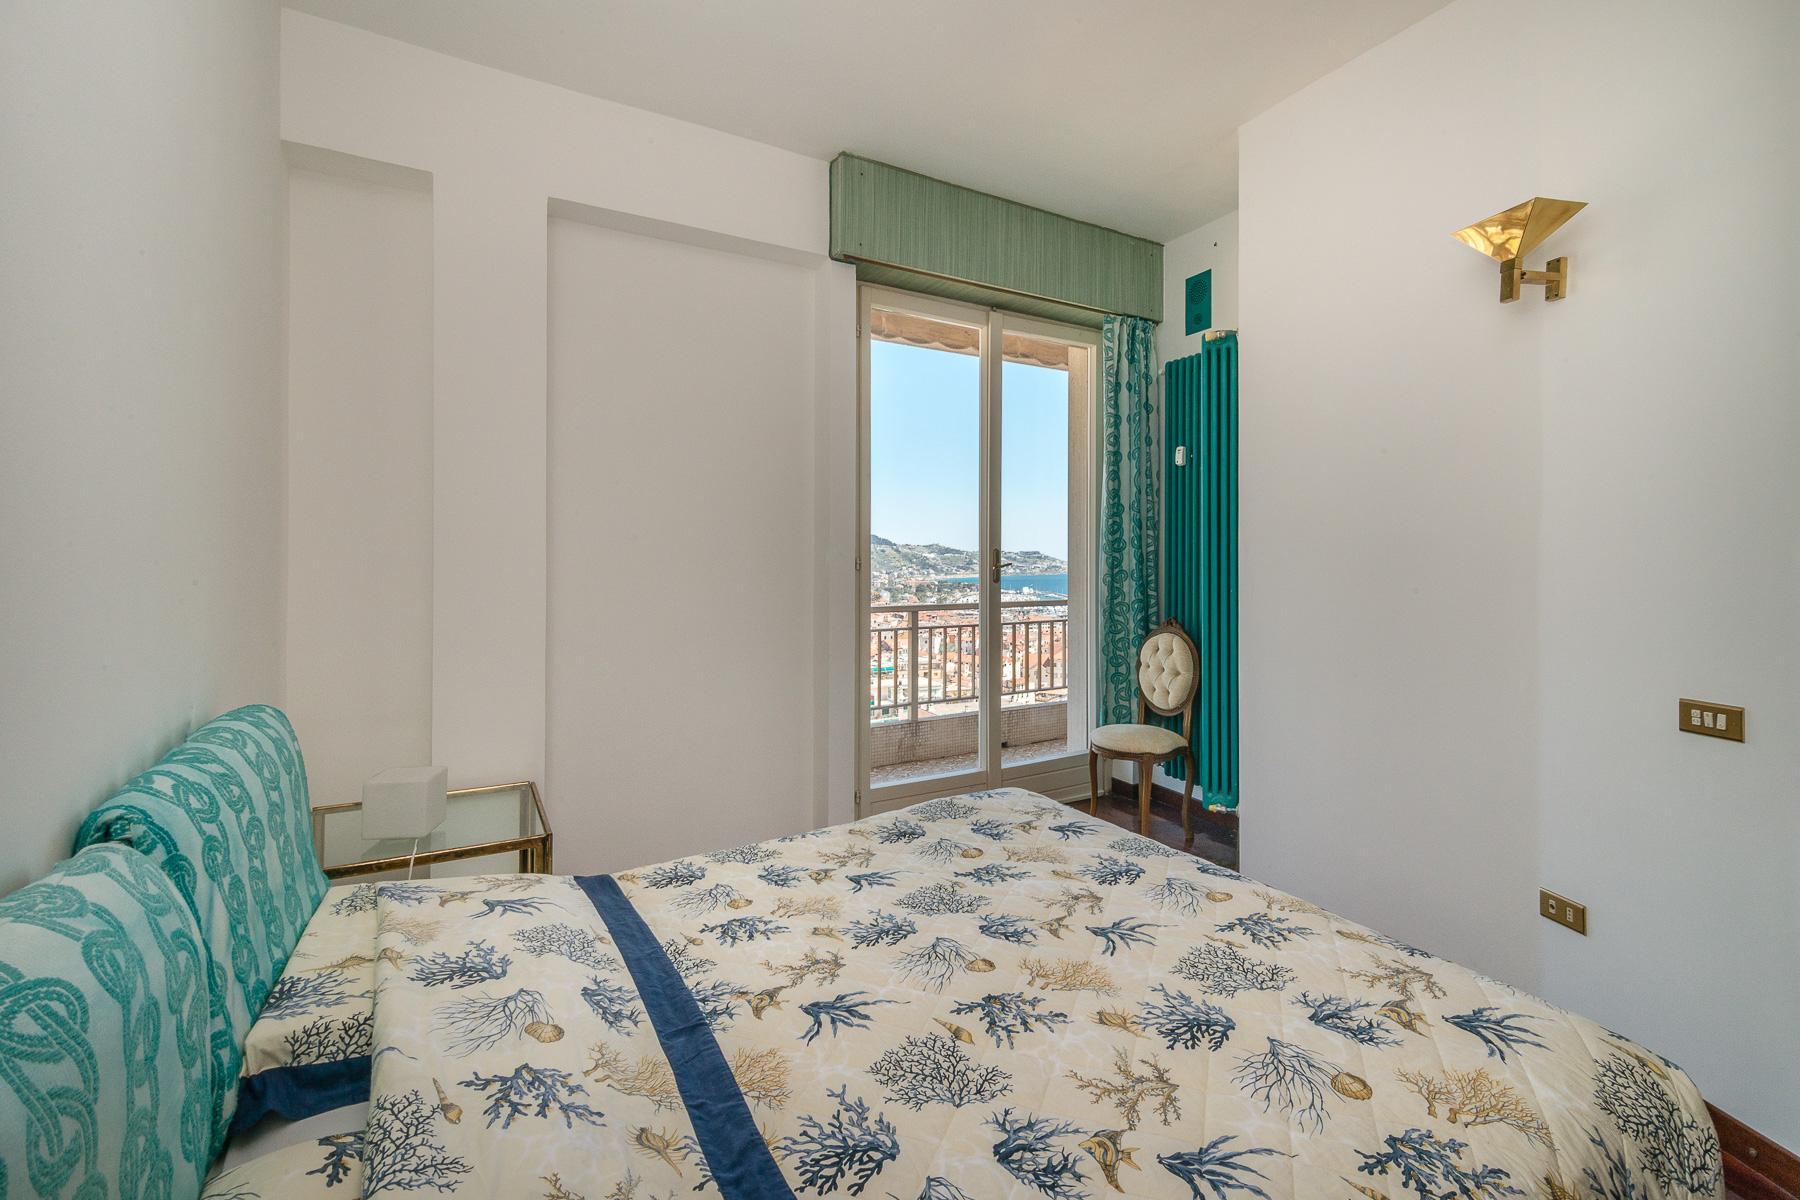 Appartement panoramique avec terrasse d'environ 80 mq - 17